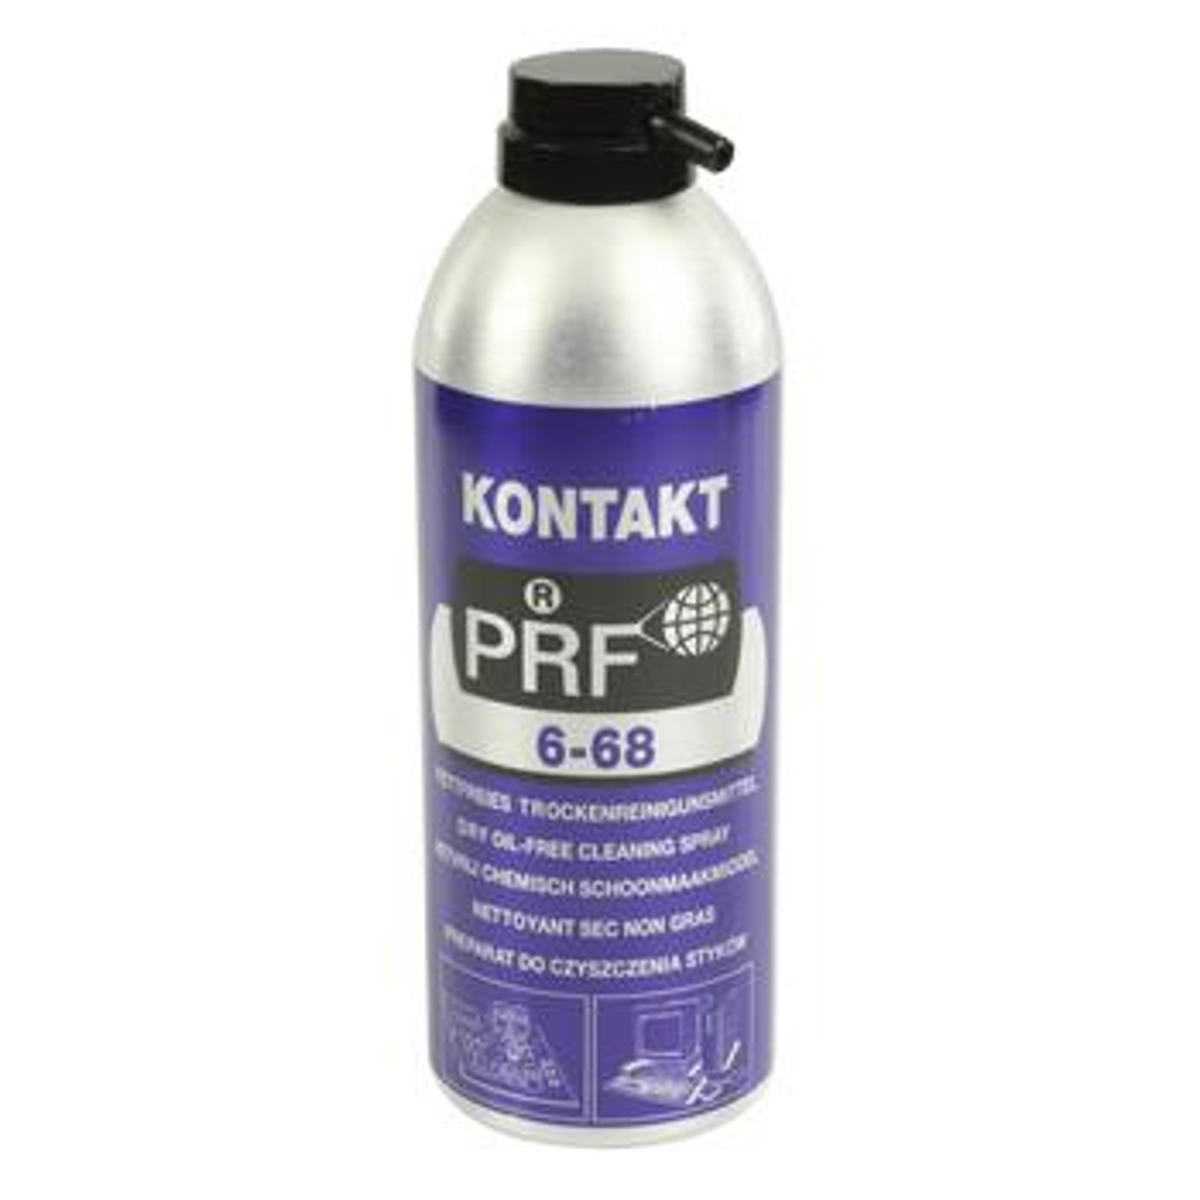 Populair Spray Contactspray Winkel: Bestel goedkoop uw Contactspray ZG02